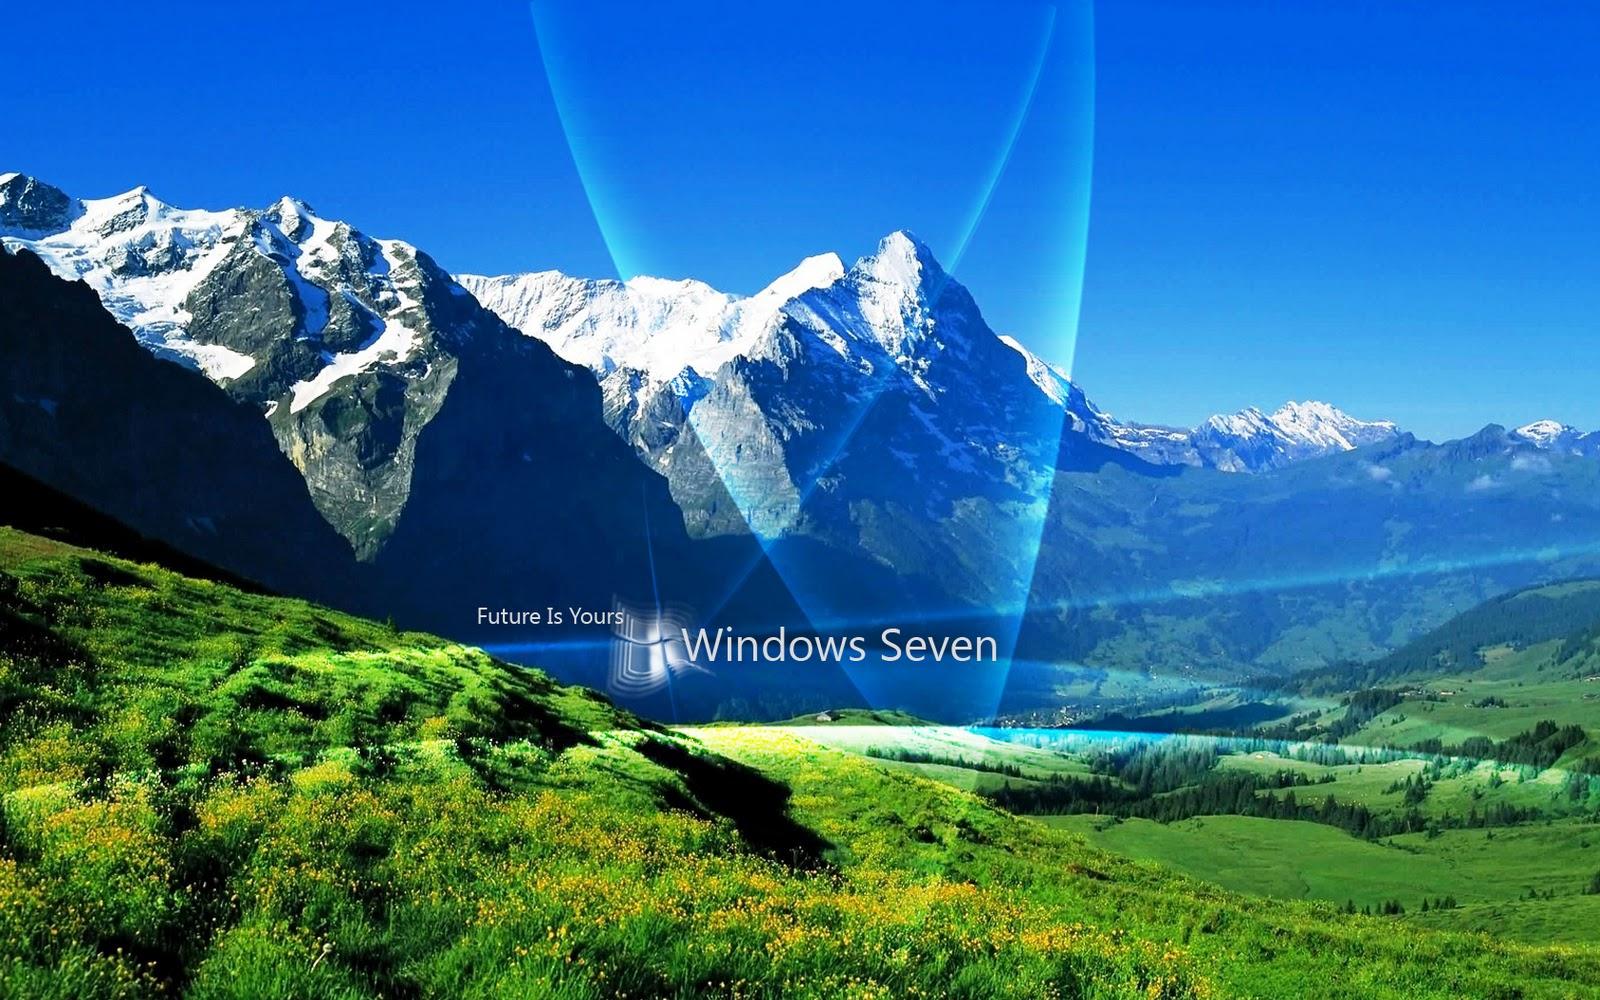 http://1.bp.blogspot.com/-nIWO-in9R-4/TxCL0Qep98I/AAAAAAAACUw/ooKQTaY-RqU/s1600/windows-7-future-is-yours-wallpaper.jpg